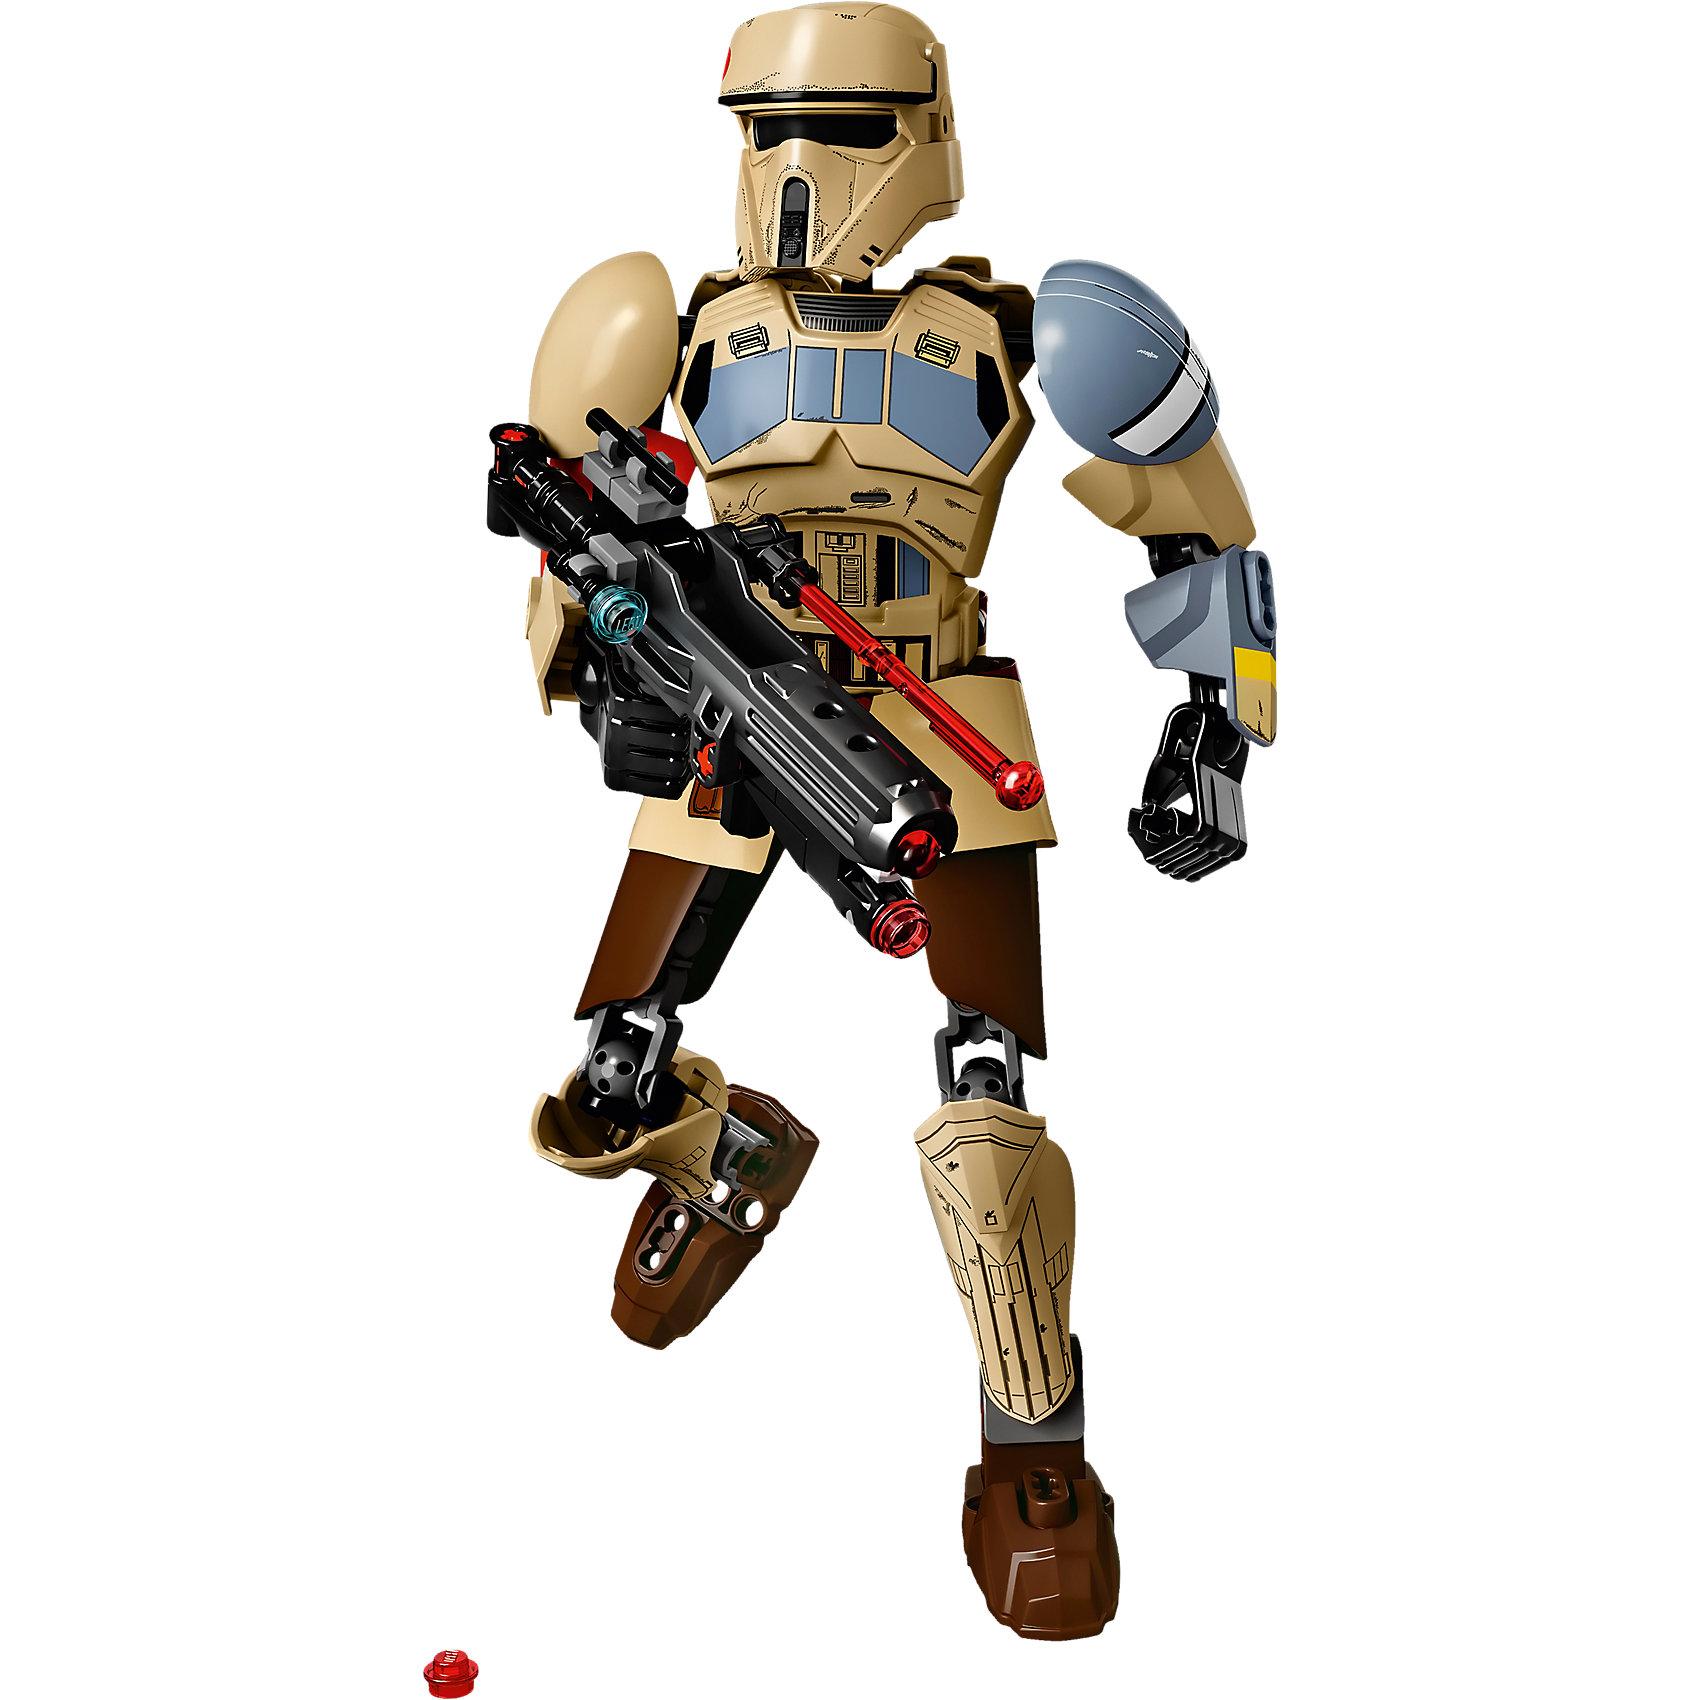 """LEGO Star Wars 75523: Штурмовик со СкарифаПластмассовые конструкторы<br>LEGO Star Wars 75523: Штурмовик со Скарифа<br><br>Характеристики:<br><br>- в набор входит: штурмовик, оружие,  инструкция<br>- состав: пластик<br>- количество деталей: 89<br>- примерное время сборки: 20 минут<br>- размер упаковки: 10 * 3 * 8 см.<br>- высота штурмовика: 24 см.<br>- для детей в возрасте: от 7 до 14 лет<br>- Страна производитель: Дания/Китай/Чехия/<br><br>Легендарный конструктор LEGO (ЛЕГО) представляет серию """"Звездные Войны"""" с героями одноименных фильмов. Этот набор относится к битве на Скарифе и событиям фильма """"Изгой-один. Звёздные войны: Истории"""". Штурмовиков с планеты Скариф отличает их новый блеклый цвет формы и потертости в битвах, что и отражено на фигуре штурмовика из набора. Часть костюма выполнена из мягкого пластика. Руки поворачиваются в плечах, локтях и кистях, а ноги в бедрах, коленях и ступнях, фигурку удобно ставить в желаемые позы. Шлем штурмовика выполнен очень детально и качественно. На деталях отсутствуют наклейки, все рисунки и потертости напечатаны на деталях. Множество декоративных элементов делают штурмовика почти настоящим. Бластерная винтовка с прицелом и съемным прикладом готова защищать интересы Империи. Две пружинные ракеты стреляют из бластера двумя видами выстрела. Красная повязка на правой руке штурмовика показывает, что он не обычный штурмовик, а скорее всего офицер или командующий. Присоединись к команде Галактической Империи и совершенствуй свою силу. <br><br>Конструктор LEGO Star Wars 75523: Штурмовик со Скарифа можно купить в нашем интернет-магазине.<br><br>Ширина мм: 263<br>Глубина мм: 144<br>Высота мм: 66<br>Вес г: 240<br>Возраст от месяцев: 84<br>Возраст до месяцев: 168<br>Пол: Мужской<br>Возраст: Детский<br>SKU: 5002382"""